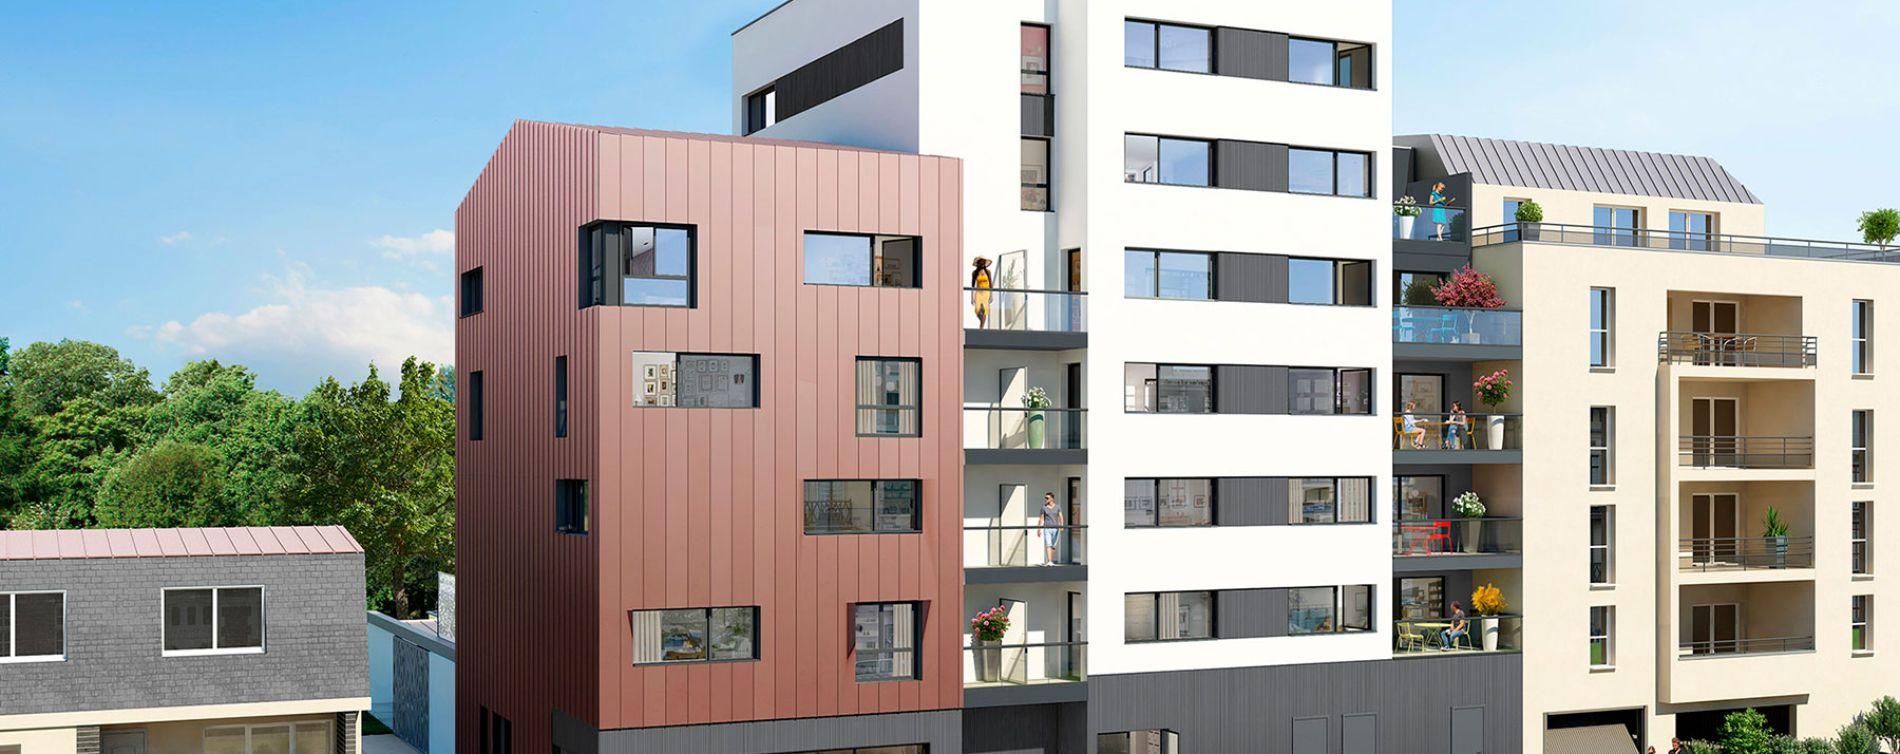 Résidence City Lodge à Rennes